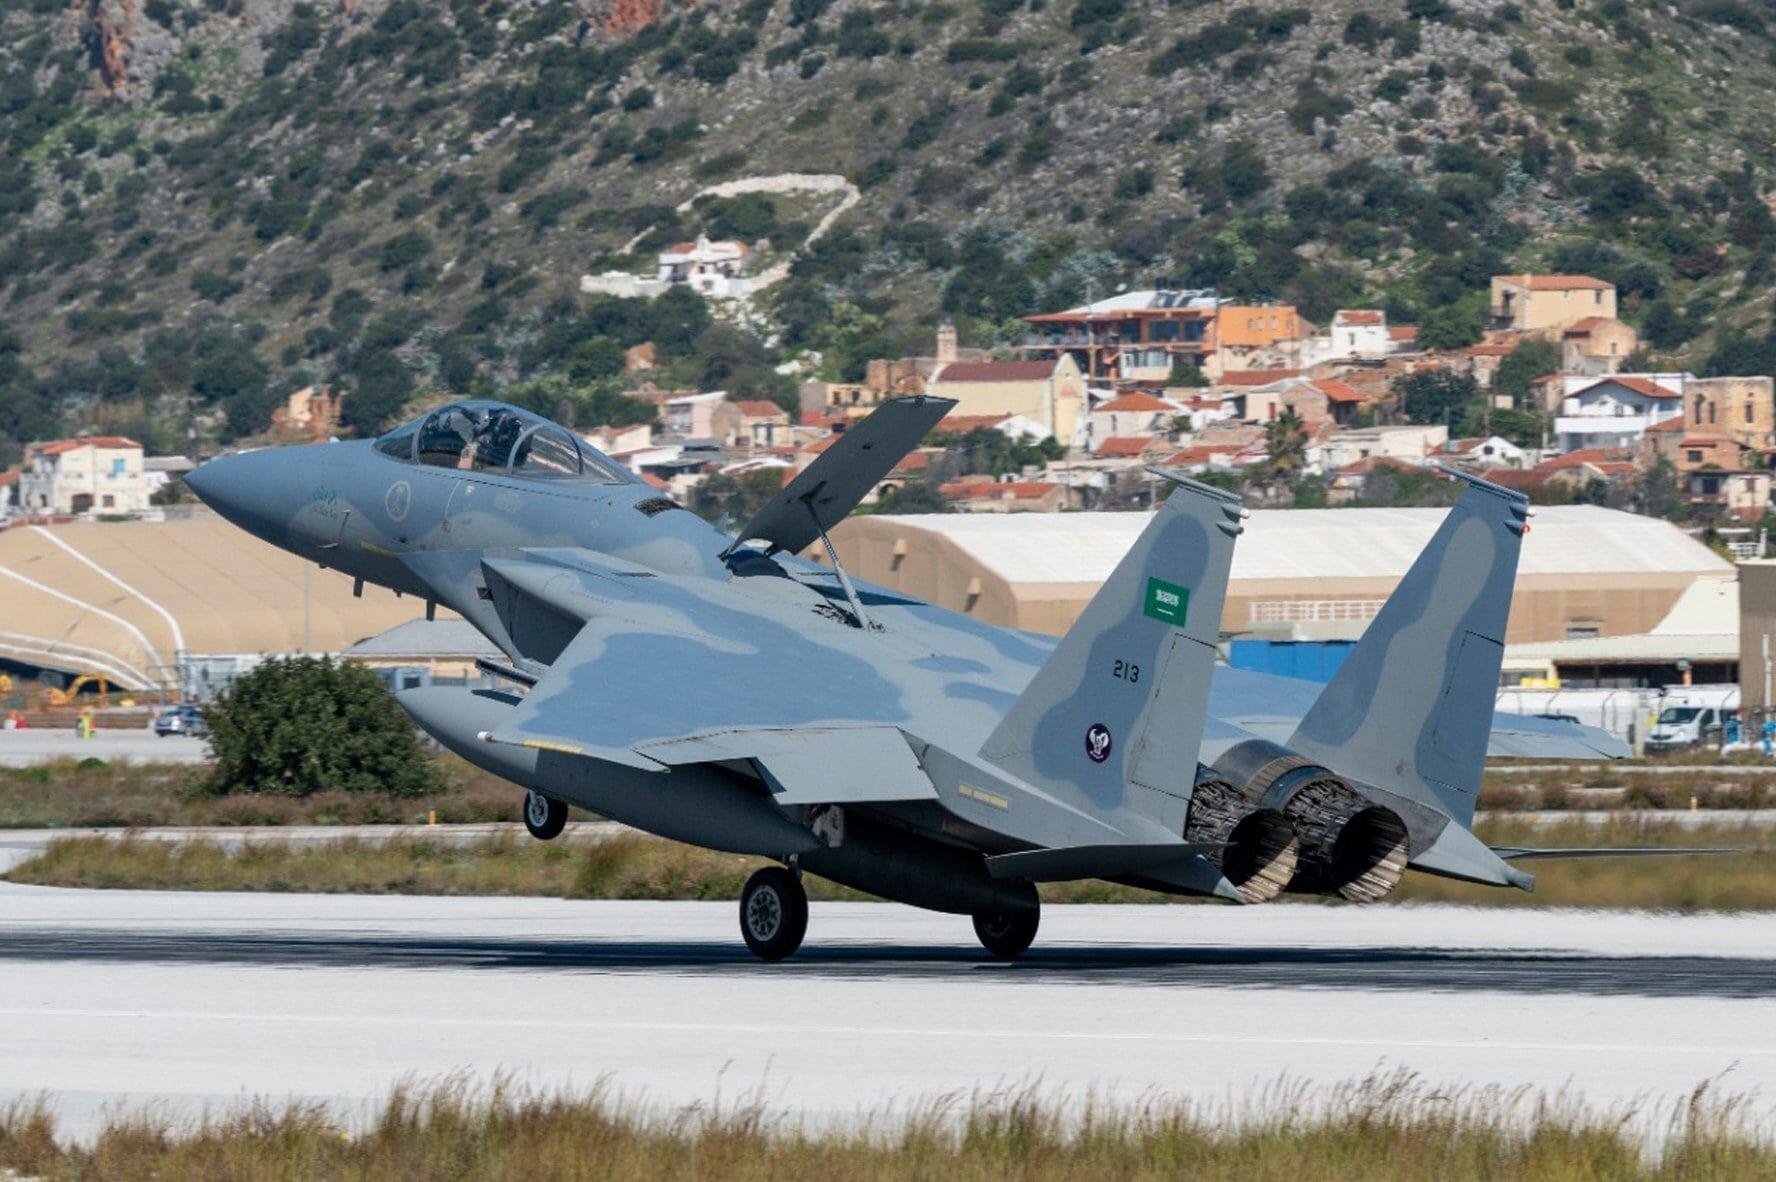 مقاتلة سعودية ضمن الطائرات المشاركة في المناورة اليونانية (وزارة الدفاع السعودية)